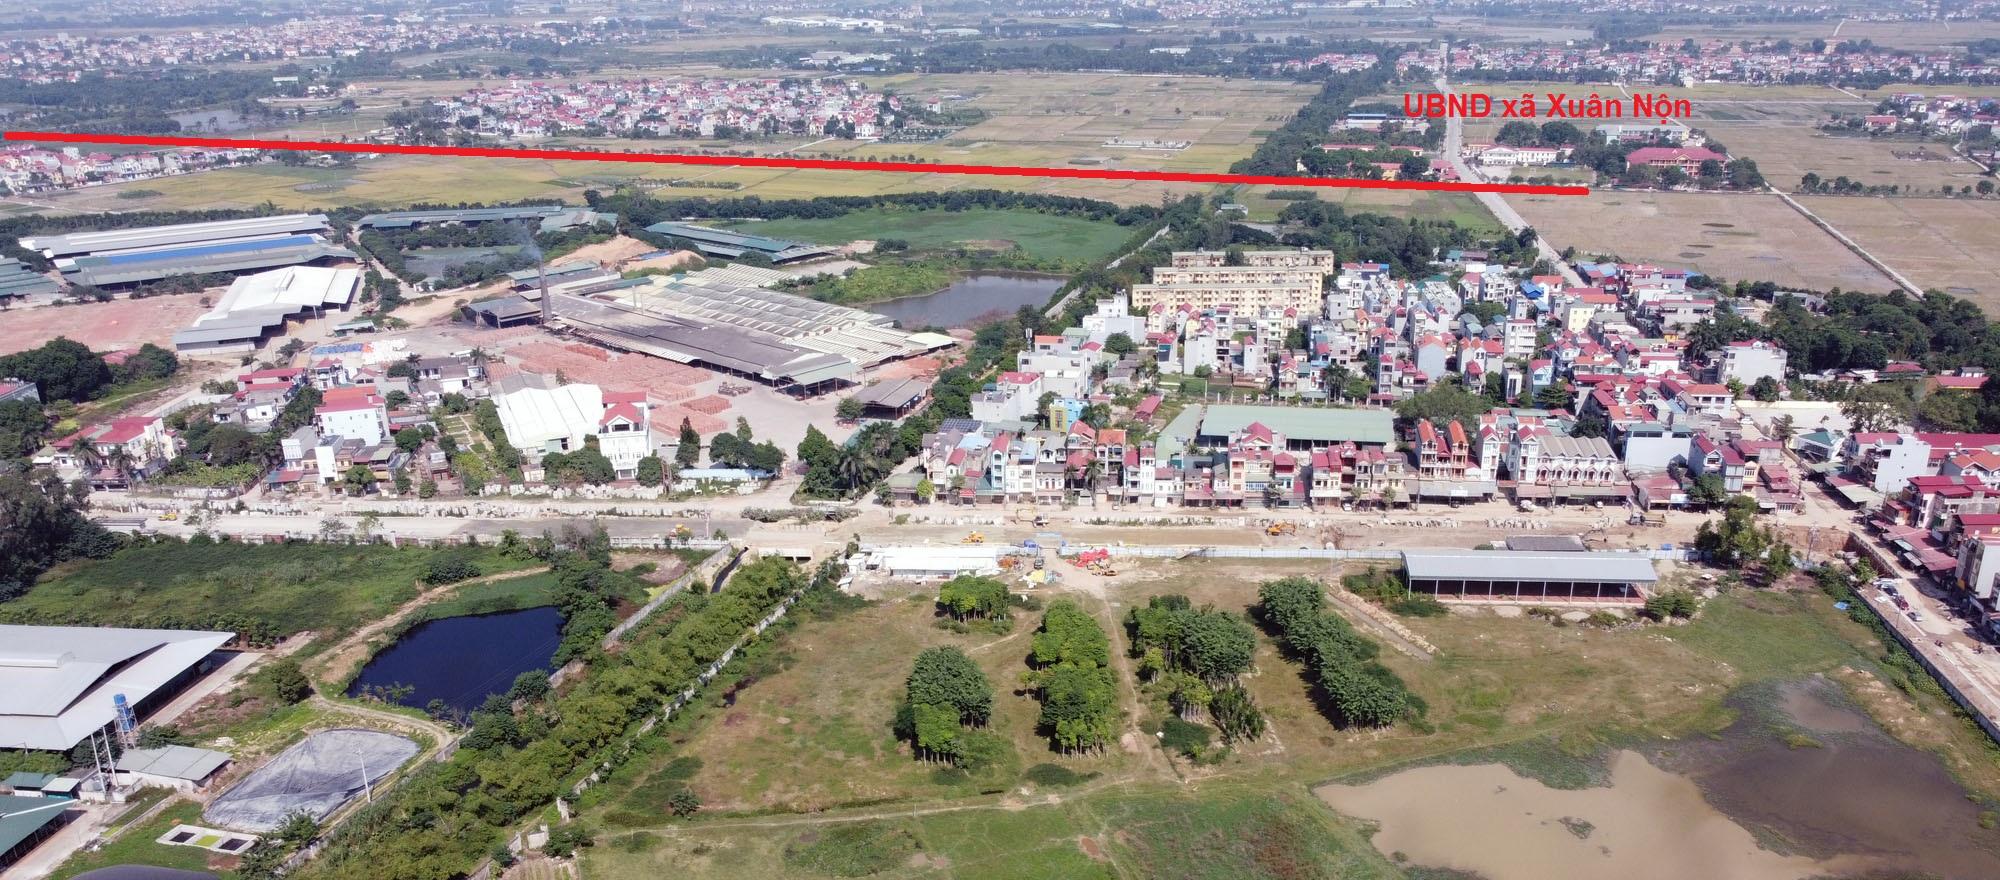 Vị trí ba đường sẽ mở theo qui hoạch ở xã Xuân Nộn, Đông Anh, Hà Nội - Ảnh 10.